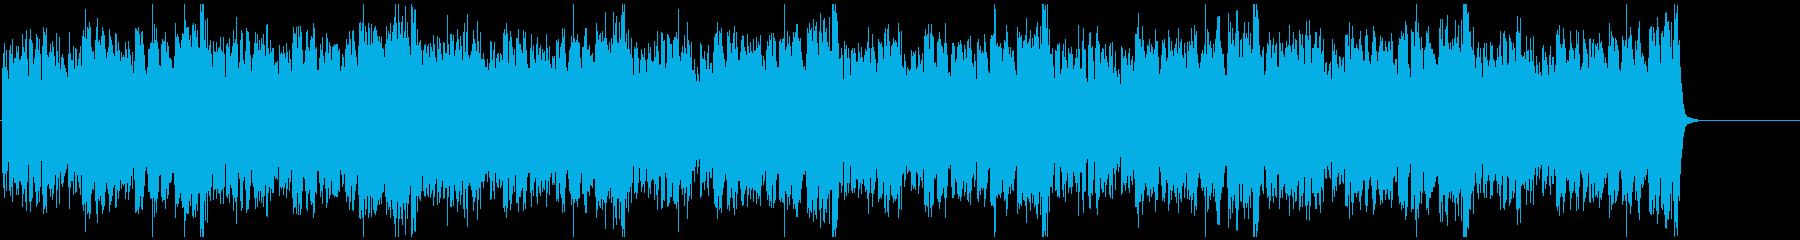 緊張感のあるクラシック曲【ピアノ連弾】の再生済みの波形